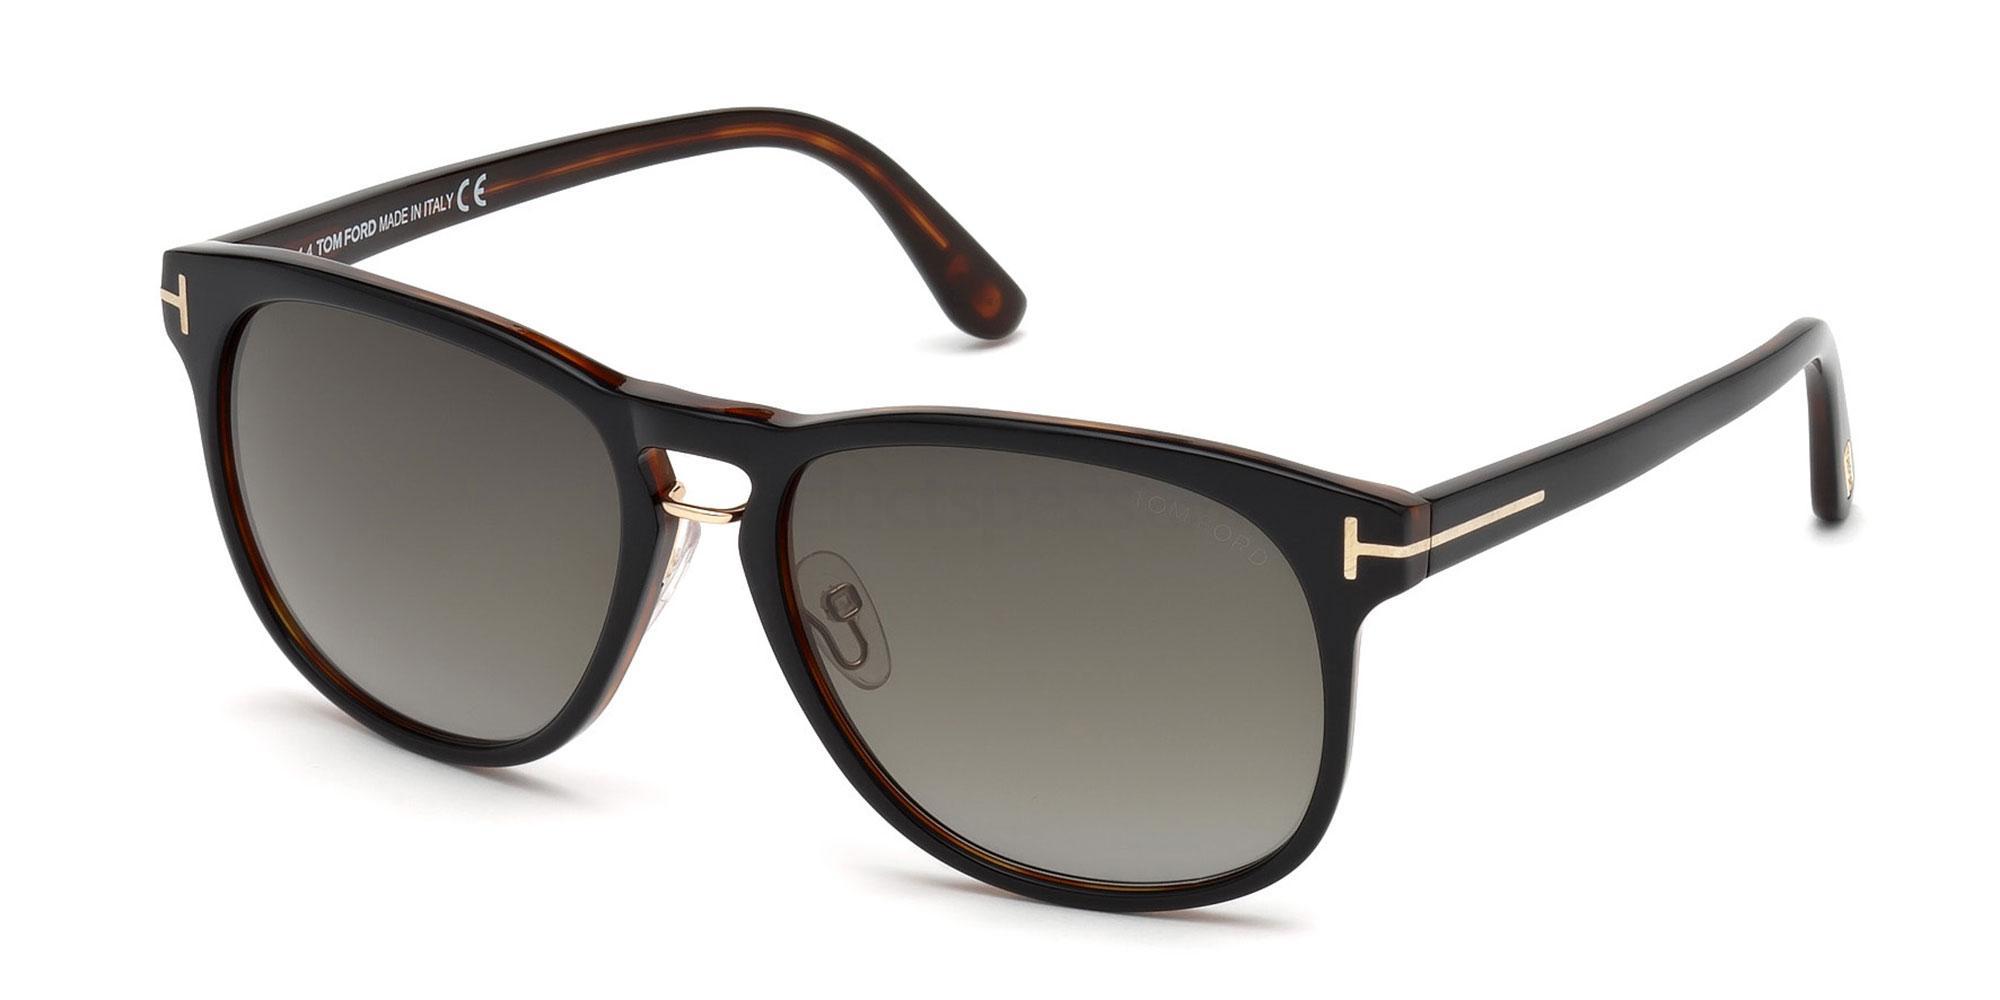 01V FT0346 Sunglasses, Tom Ford